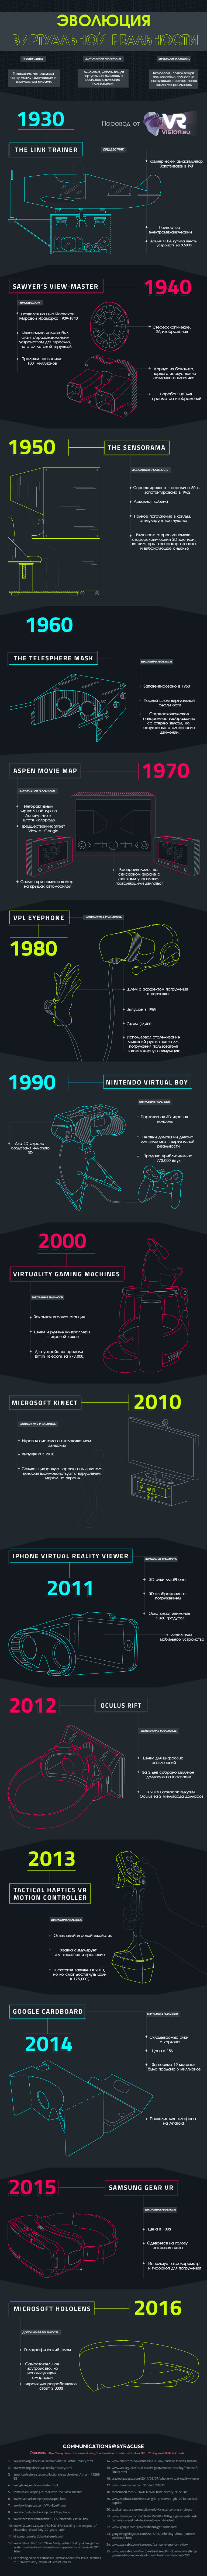 Эволюция виртуальной реальности [инфографика]